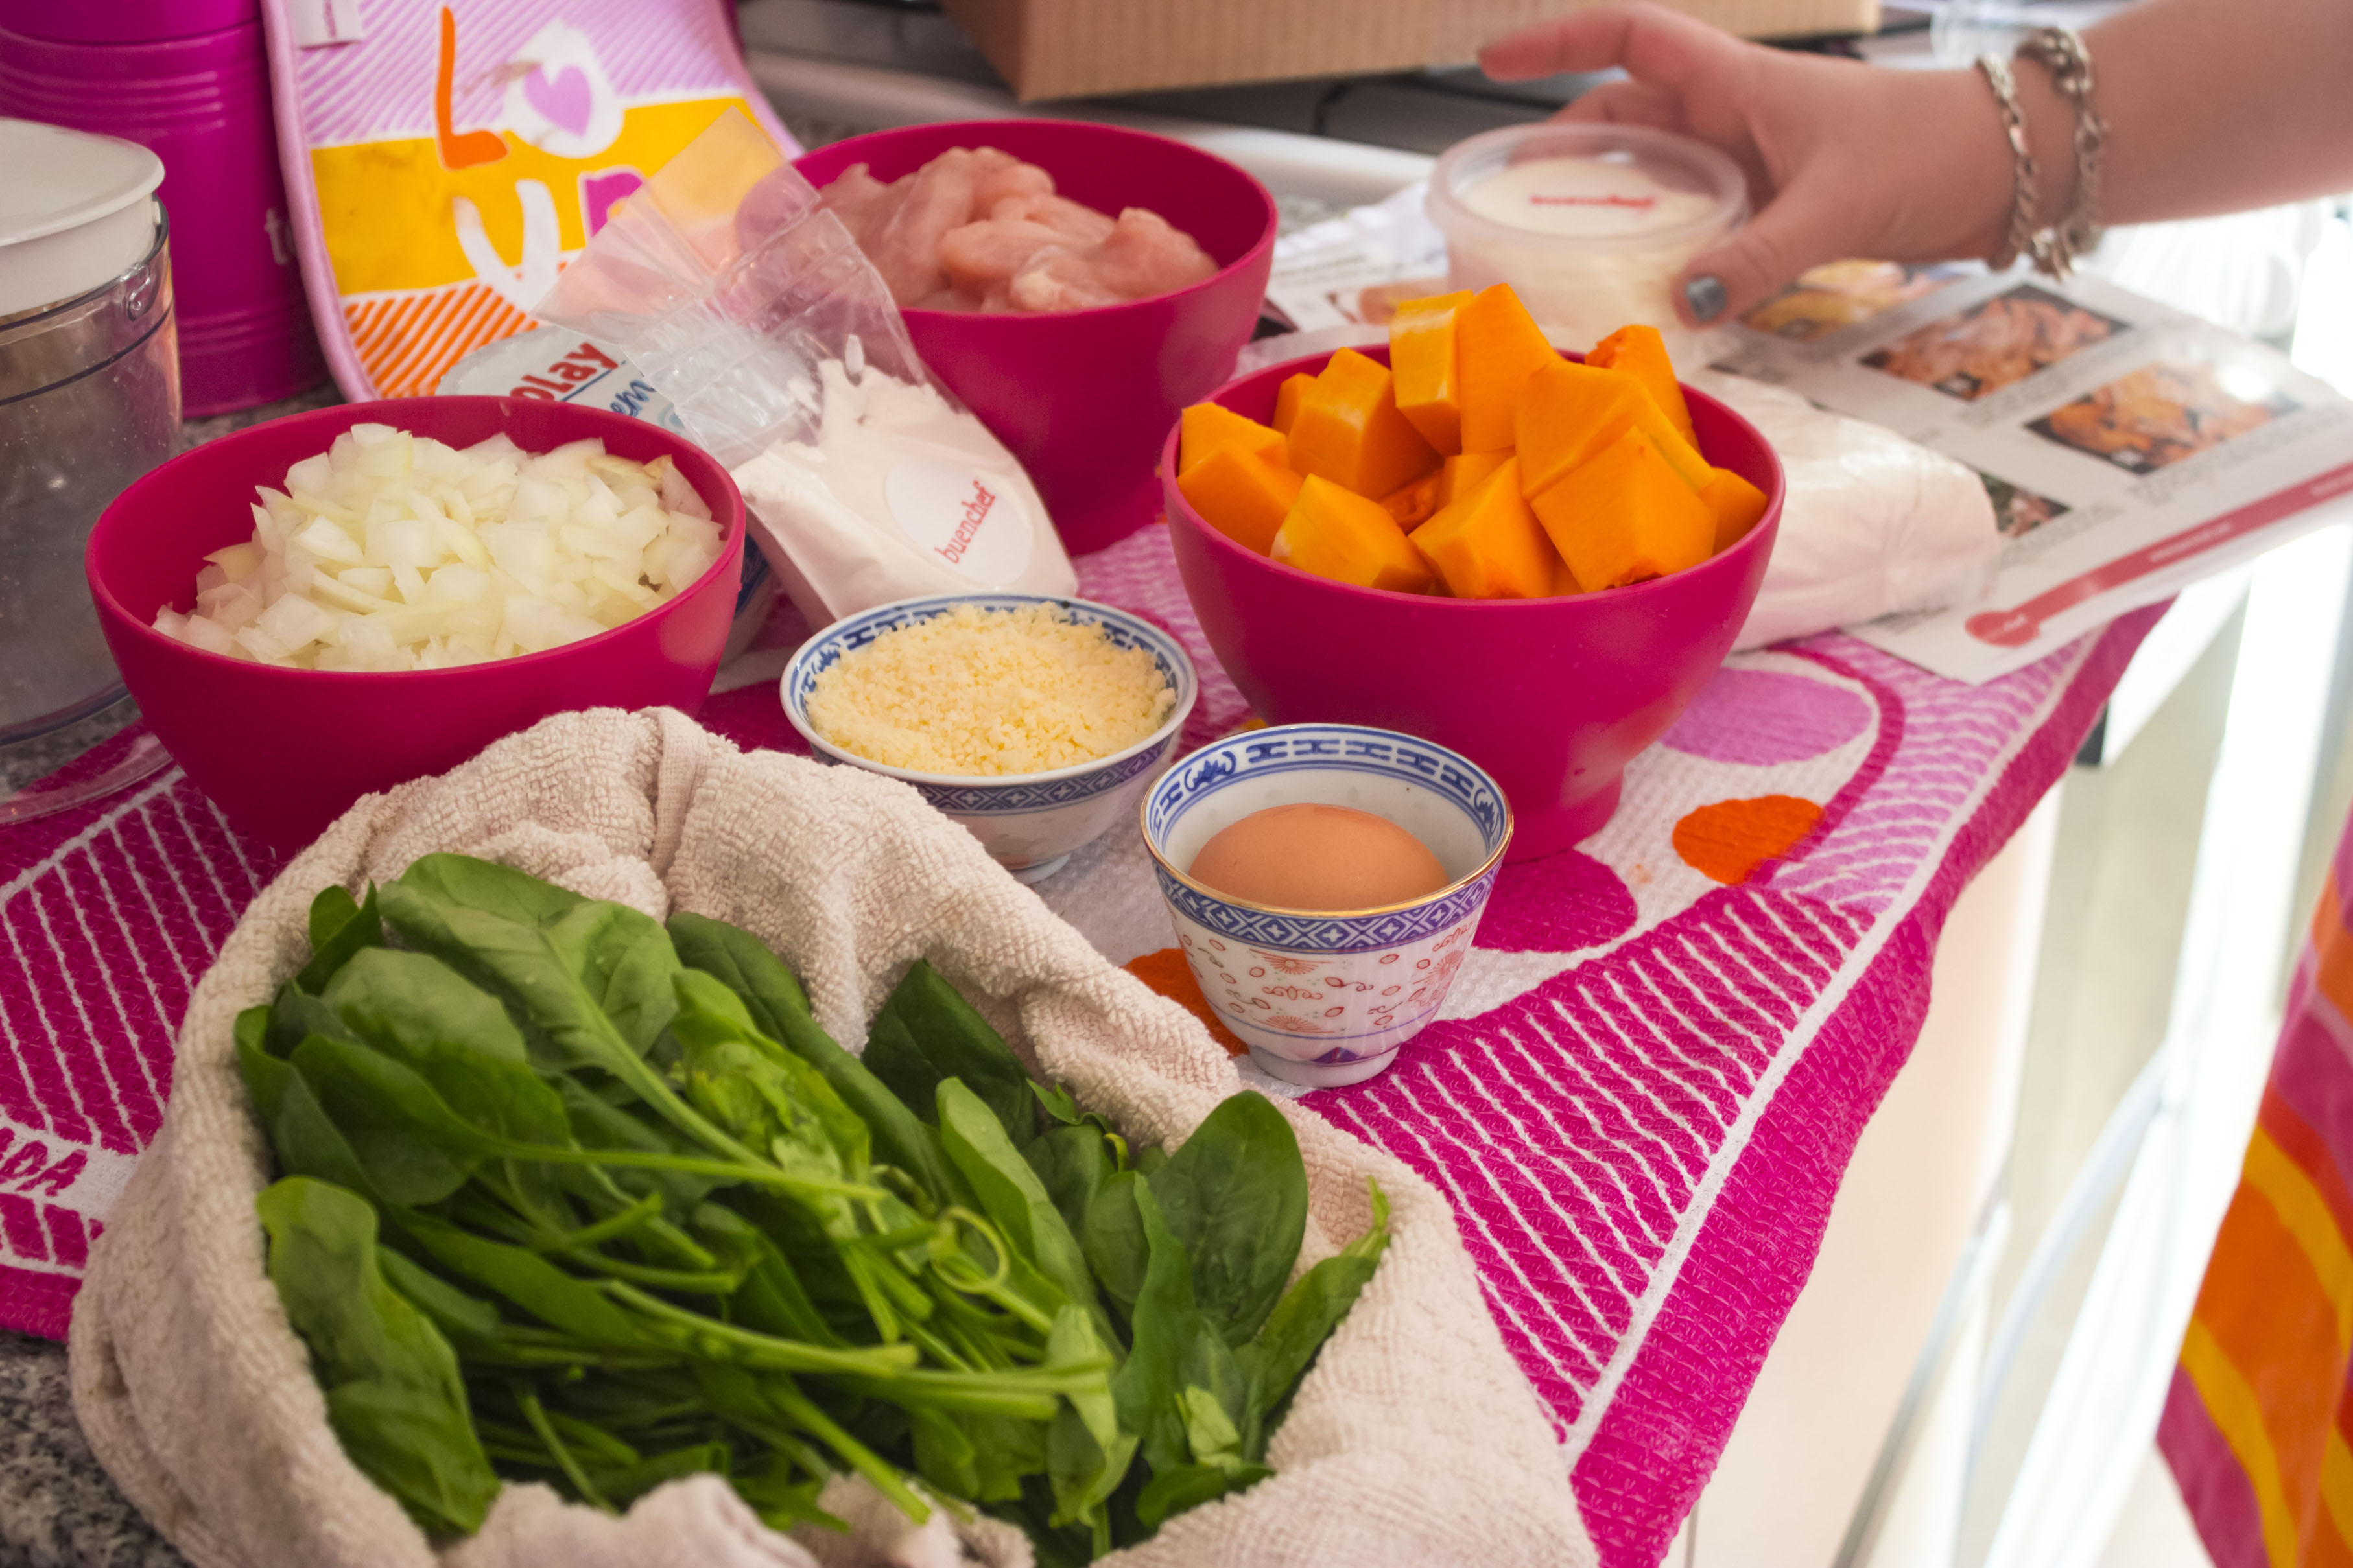 Los ingredientes para cocinar los Malfatti con pollo y espinaca